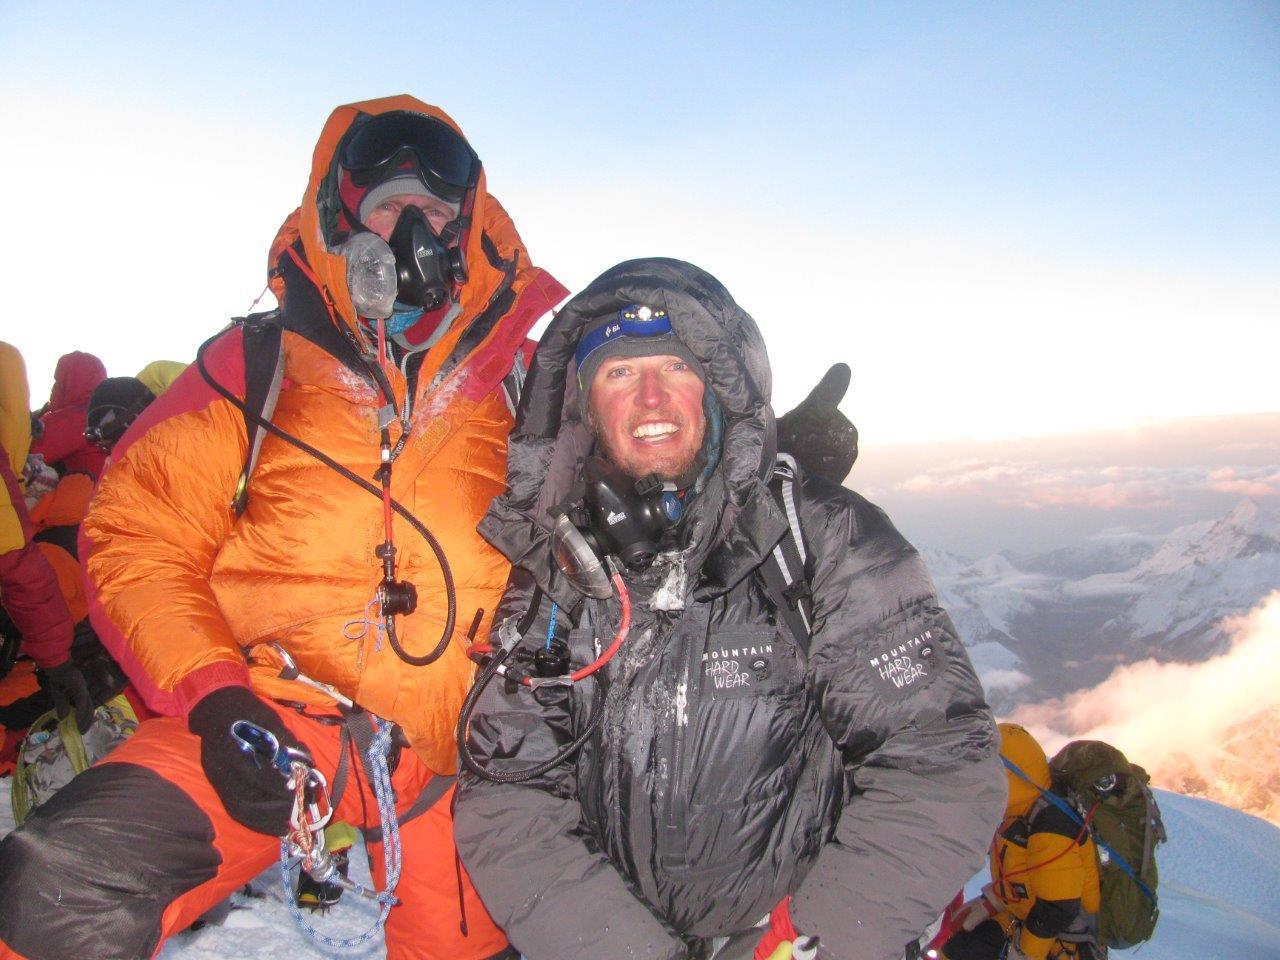 Adventure Consultants summit Everest